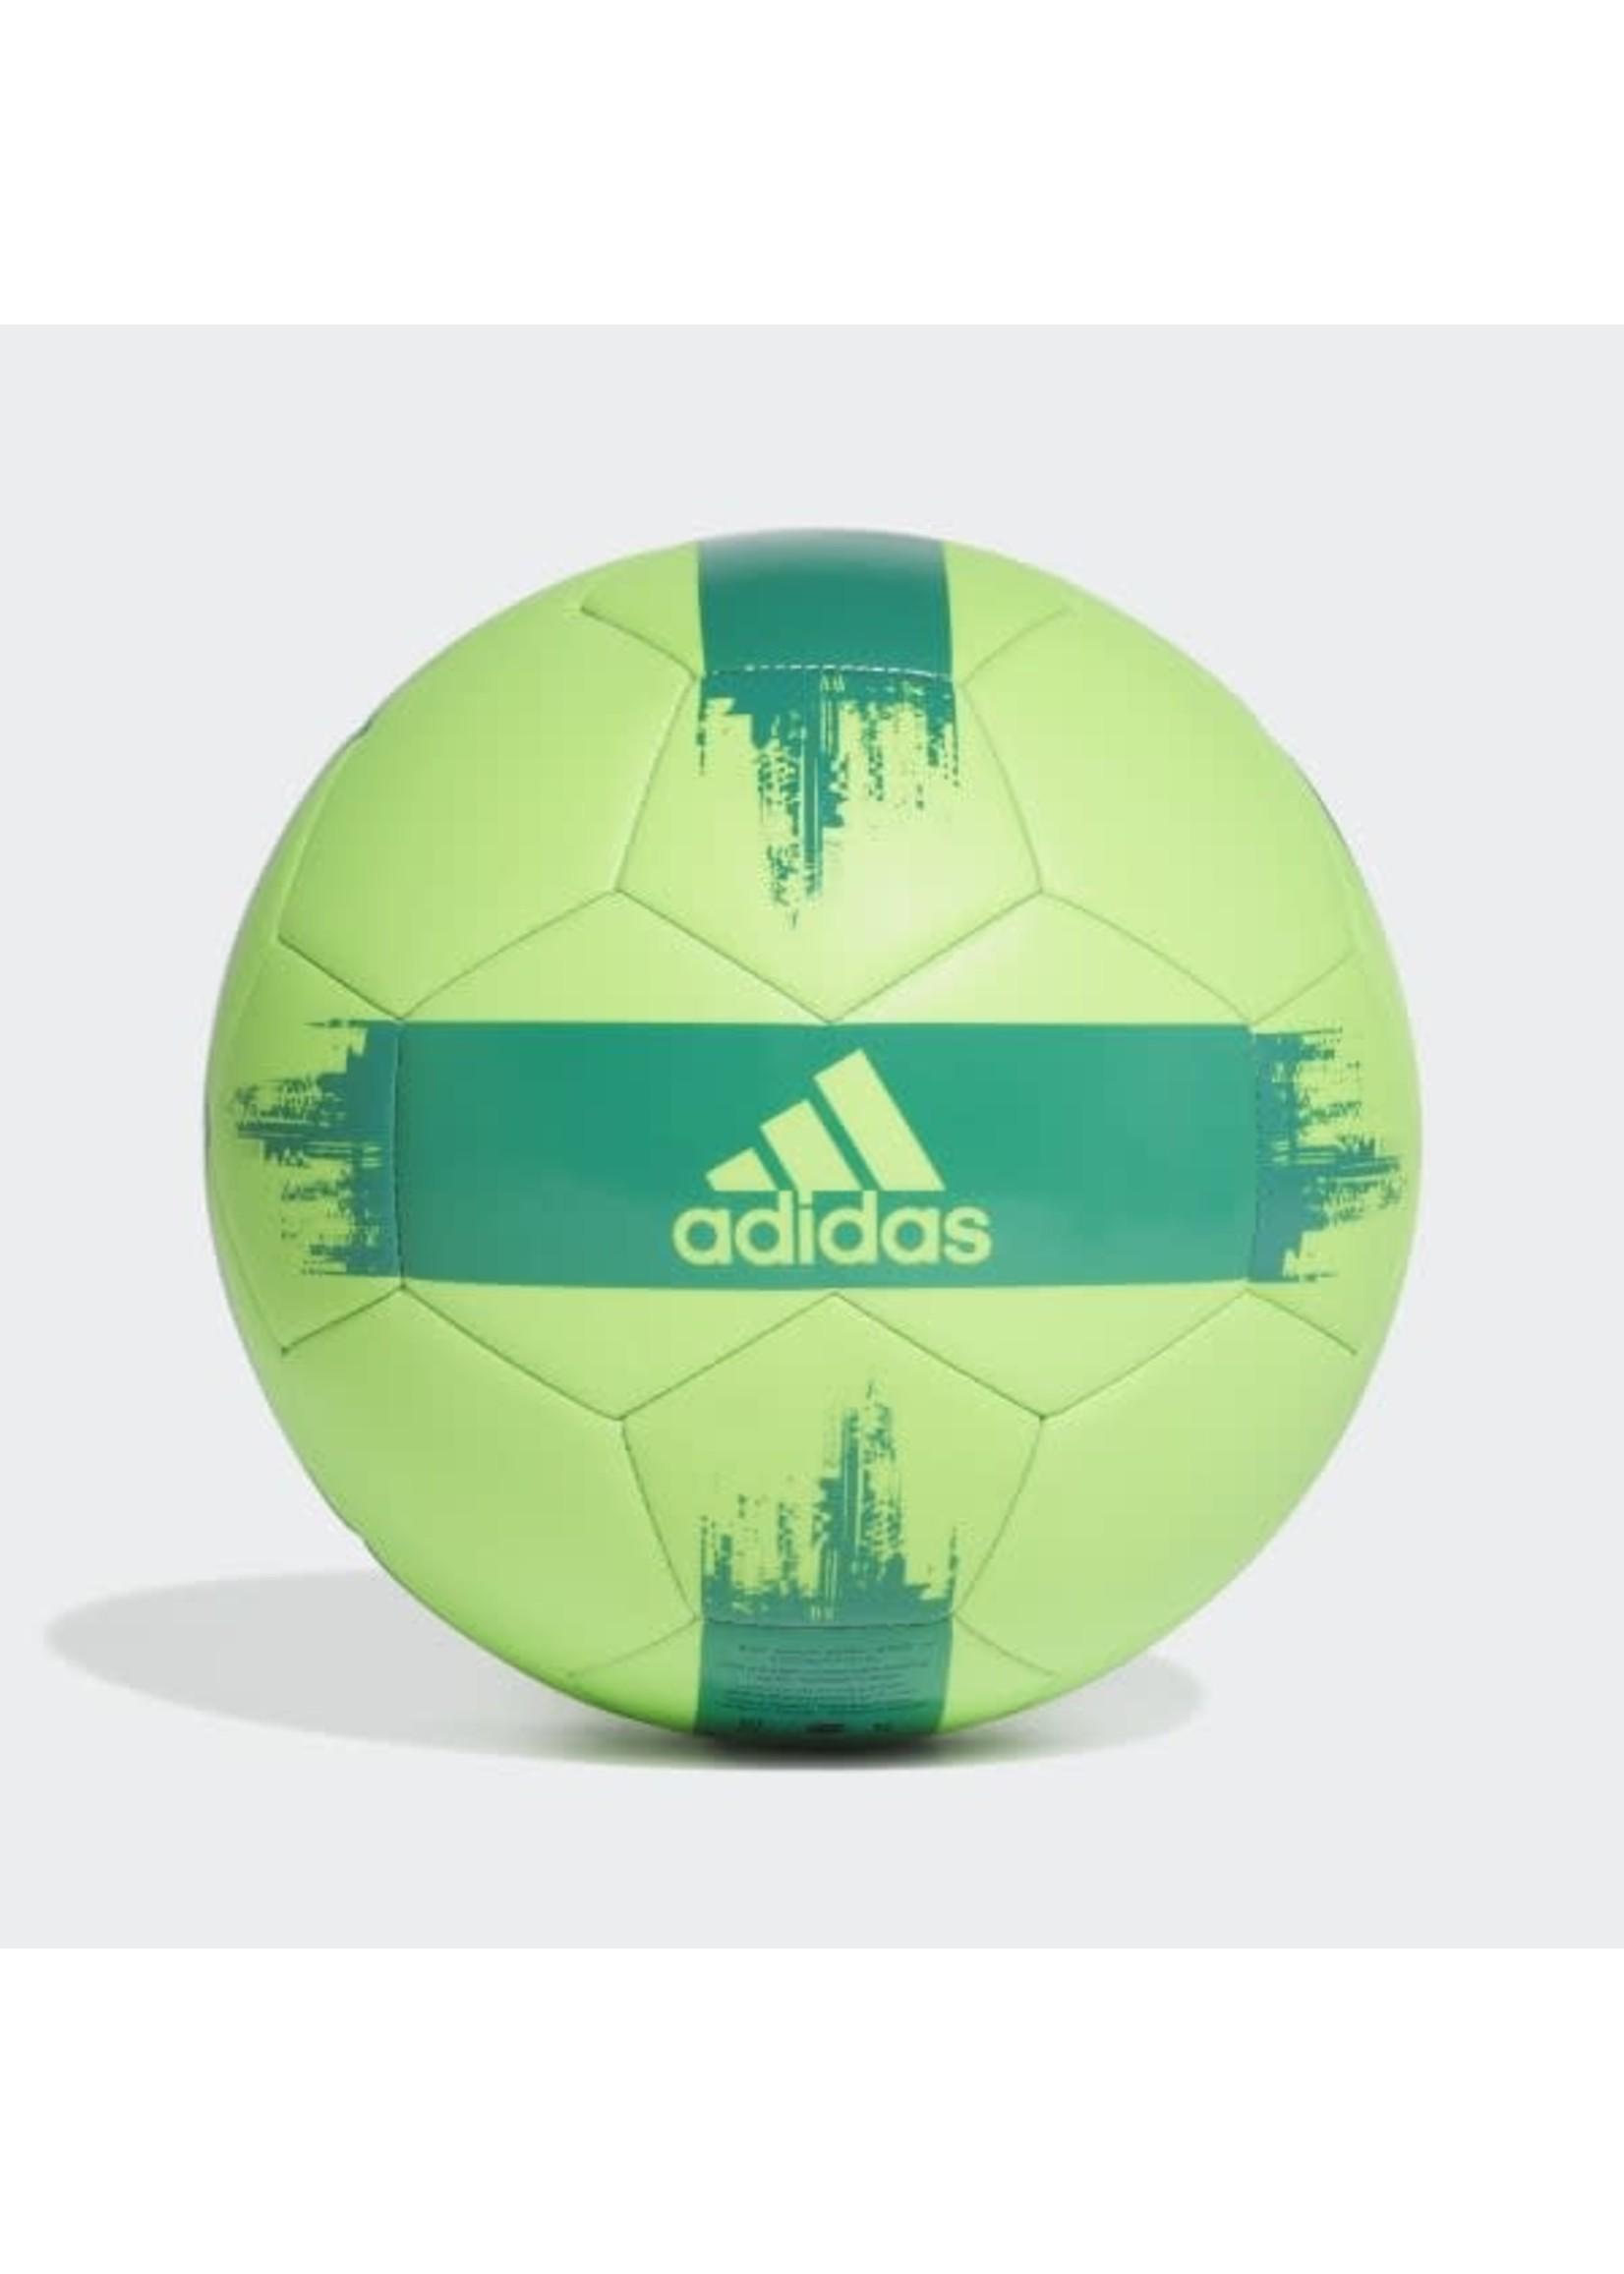 Adidas EPP II Ball FL7025